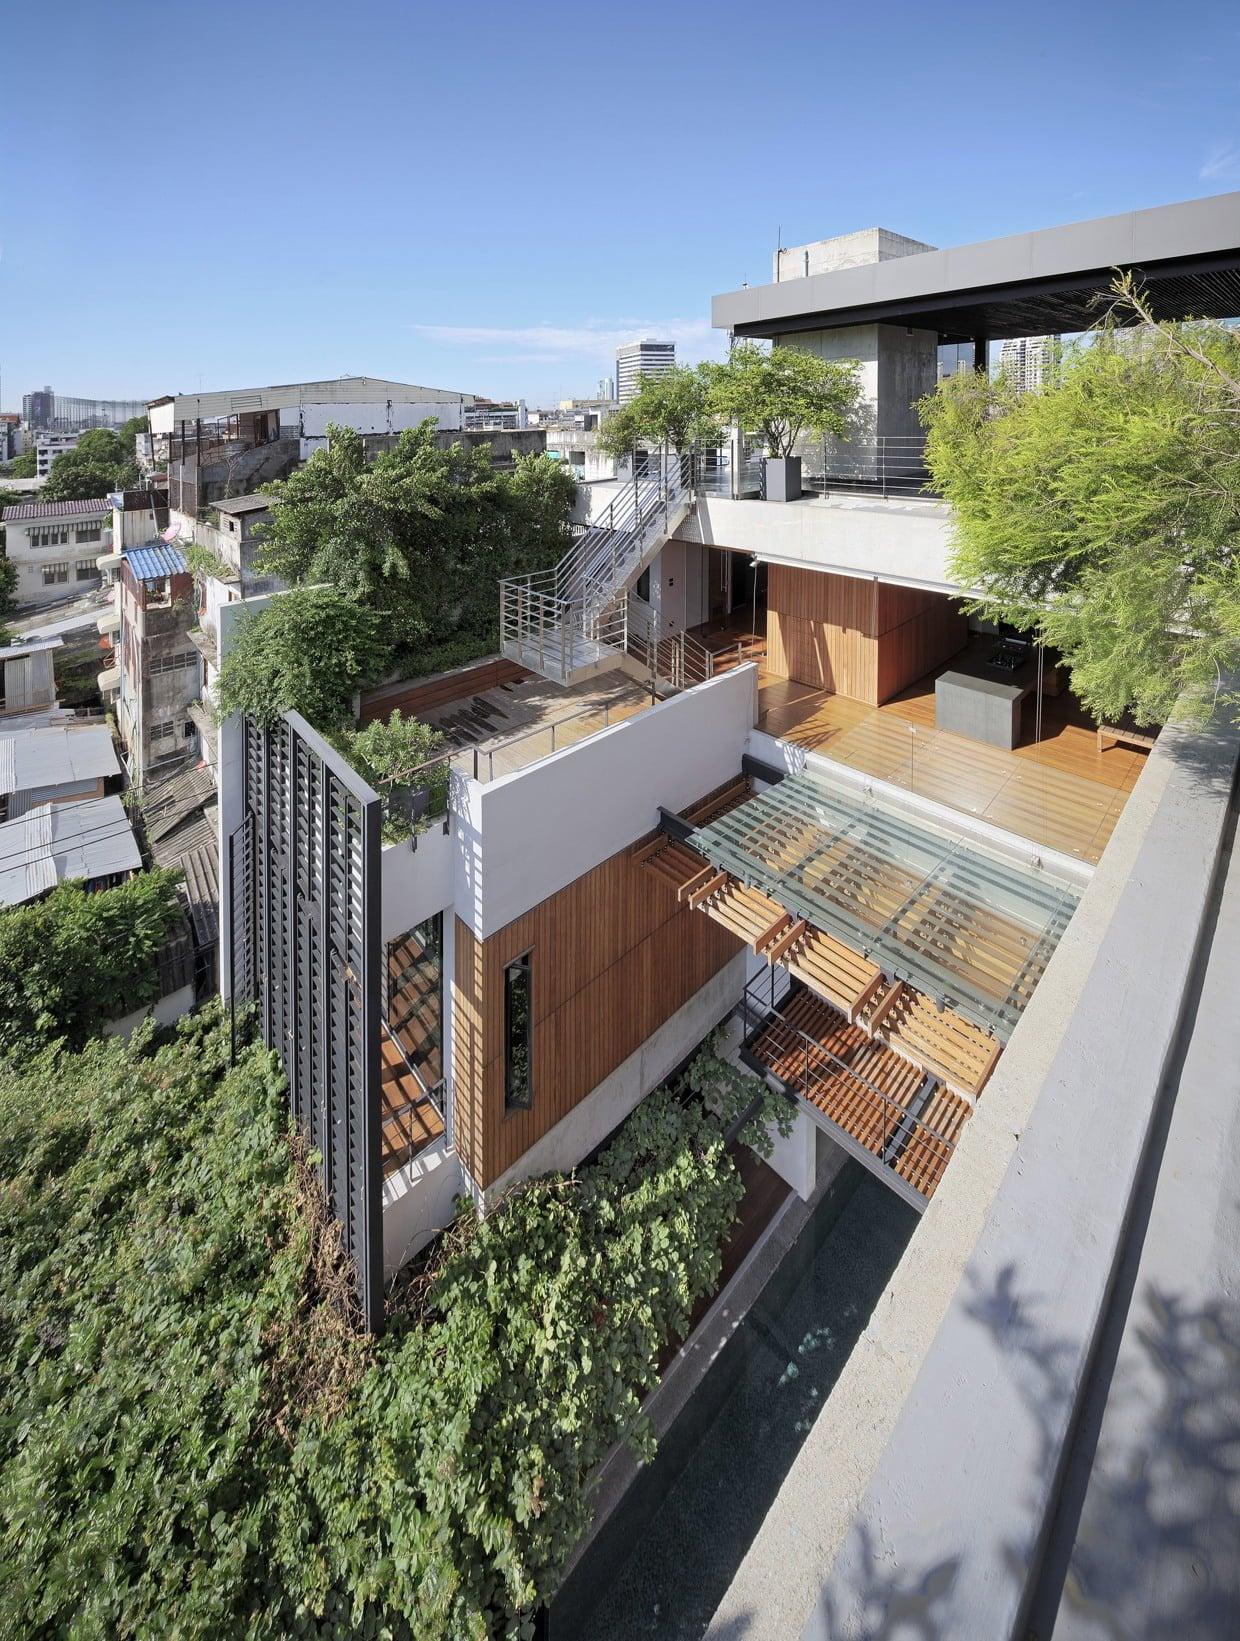 79 Foto Desain Rumah Modern Thailand Paling Banyak di Cari ...